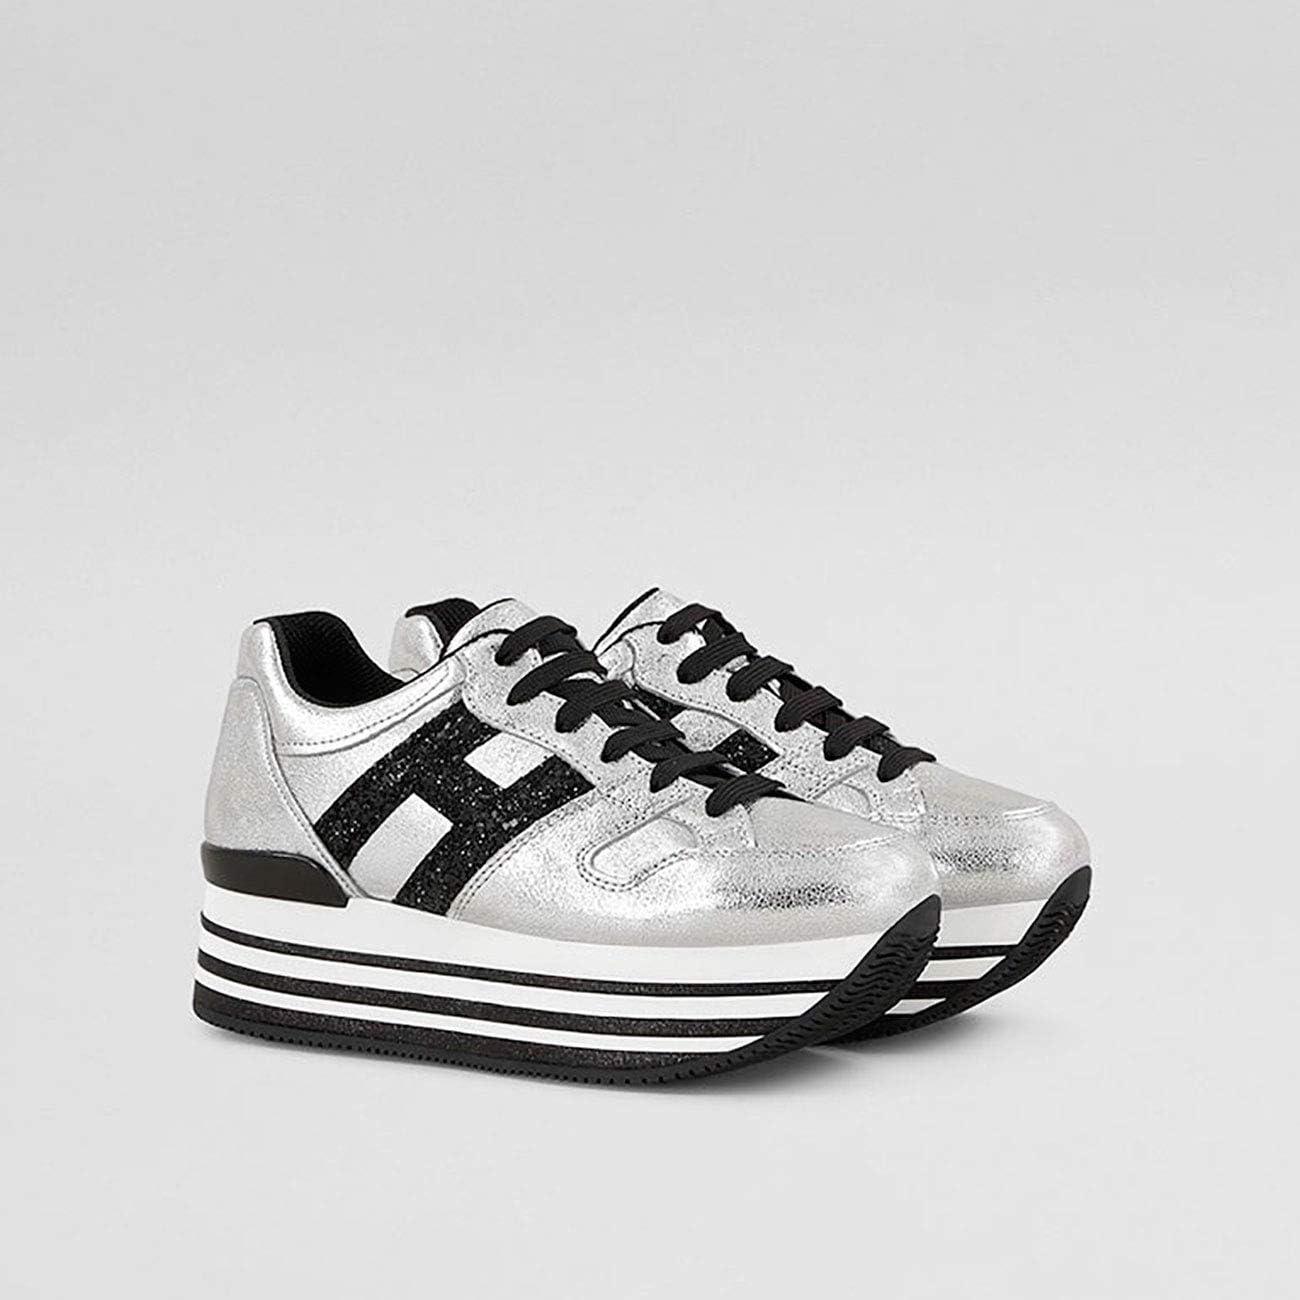 Hogan Sneakers H368 Maxi in Pelle Argento Nero, Donna, Taglia 36 ...